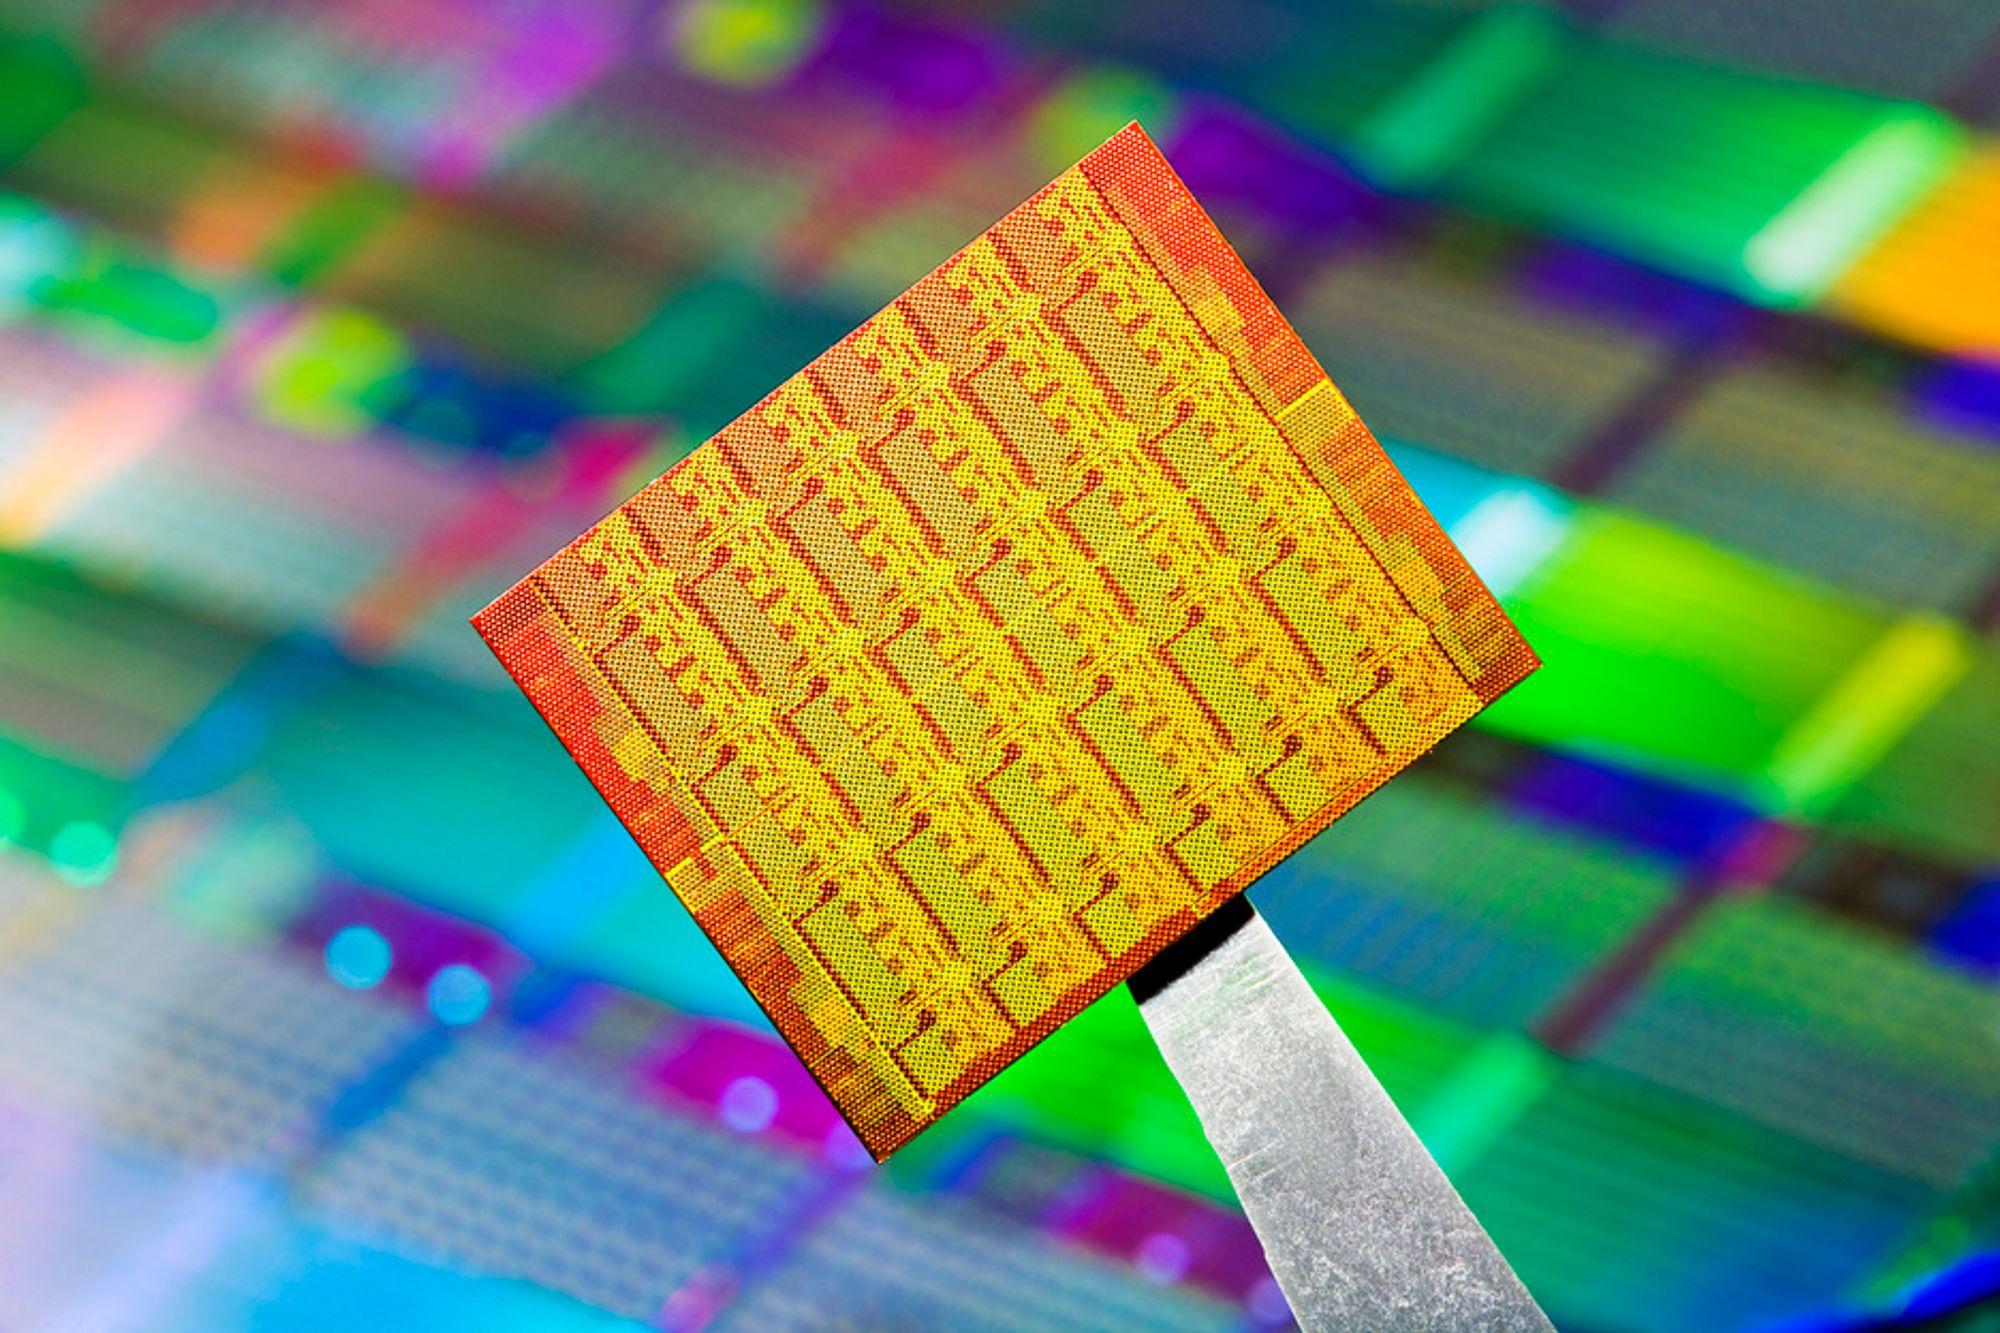 REC skal levere wafere verdt 1,1 milliarder kroner til en foreløpig ukjent kunde frem mot 2013.